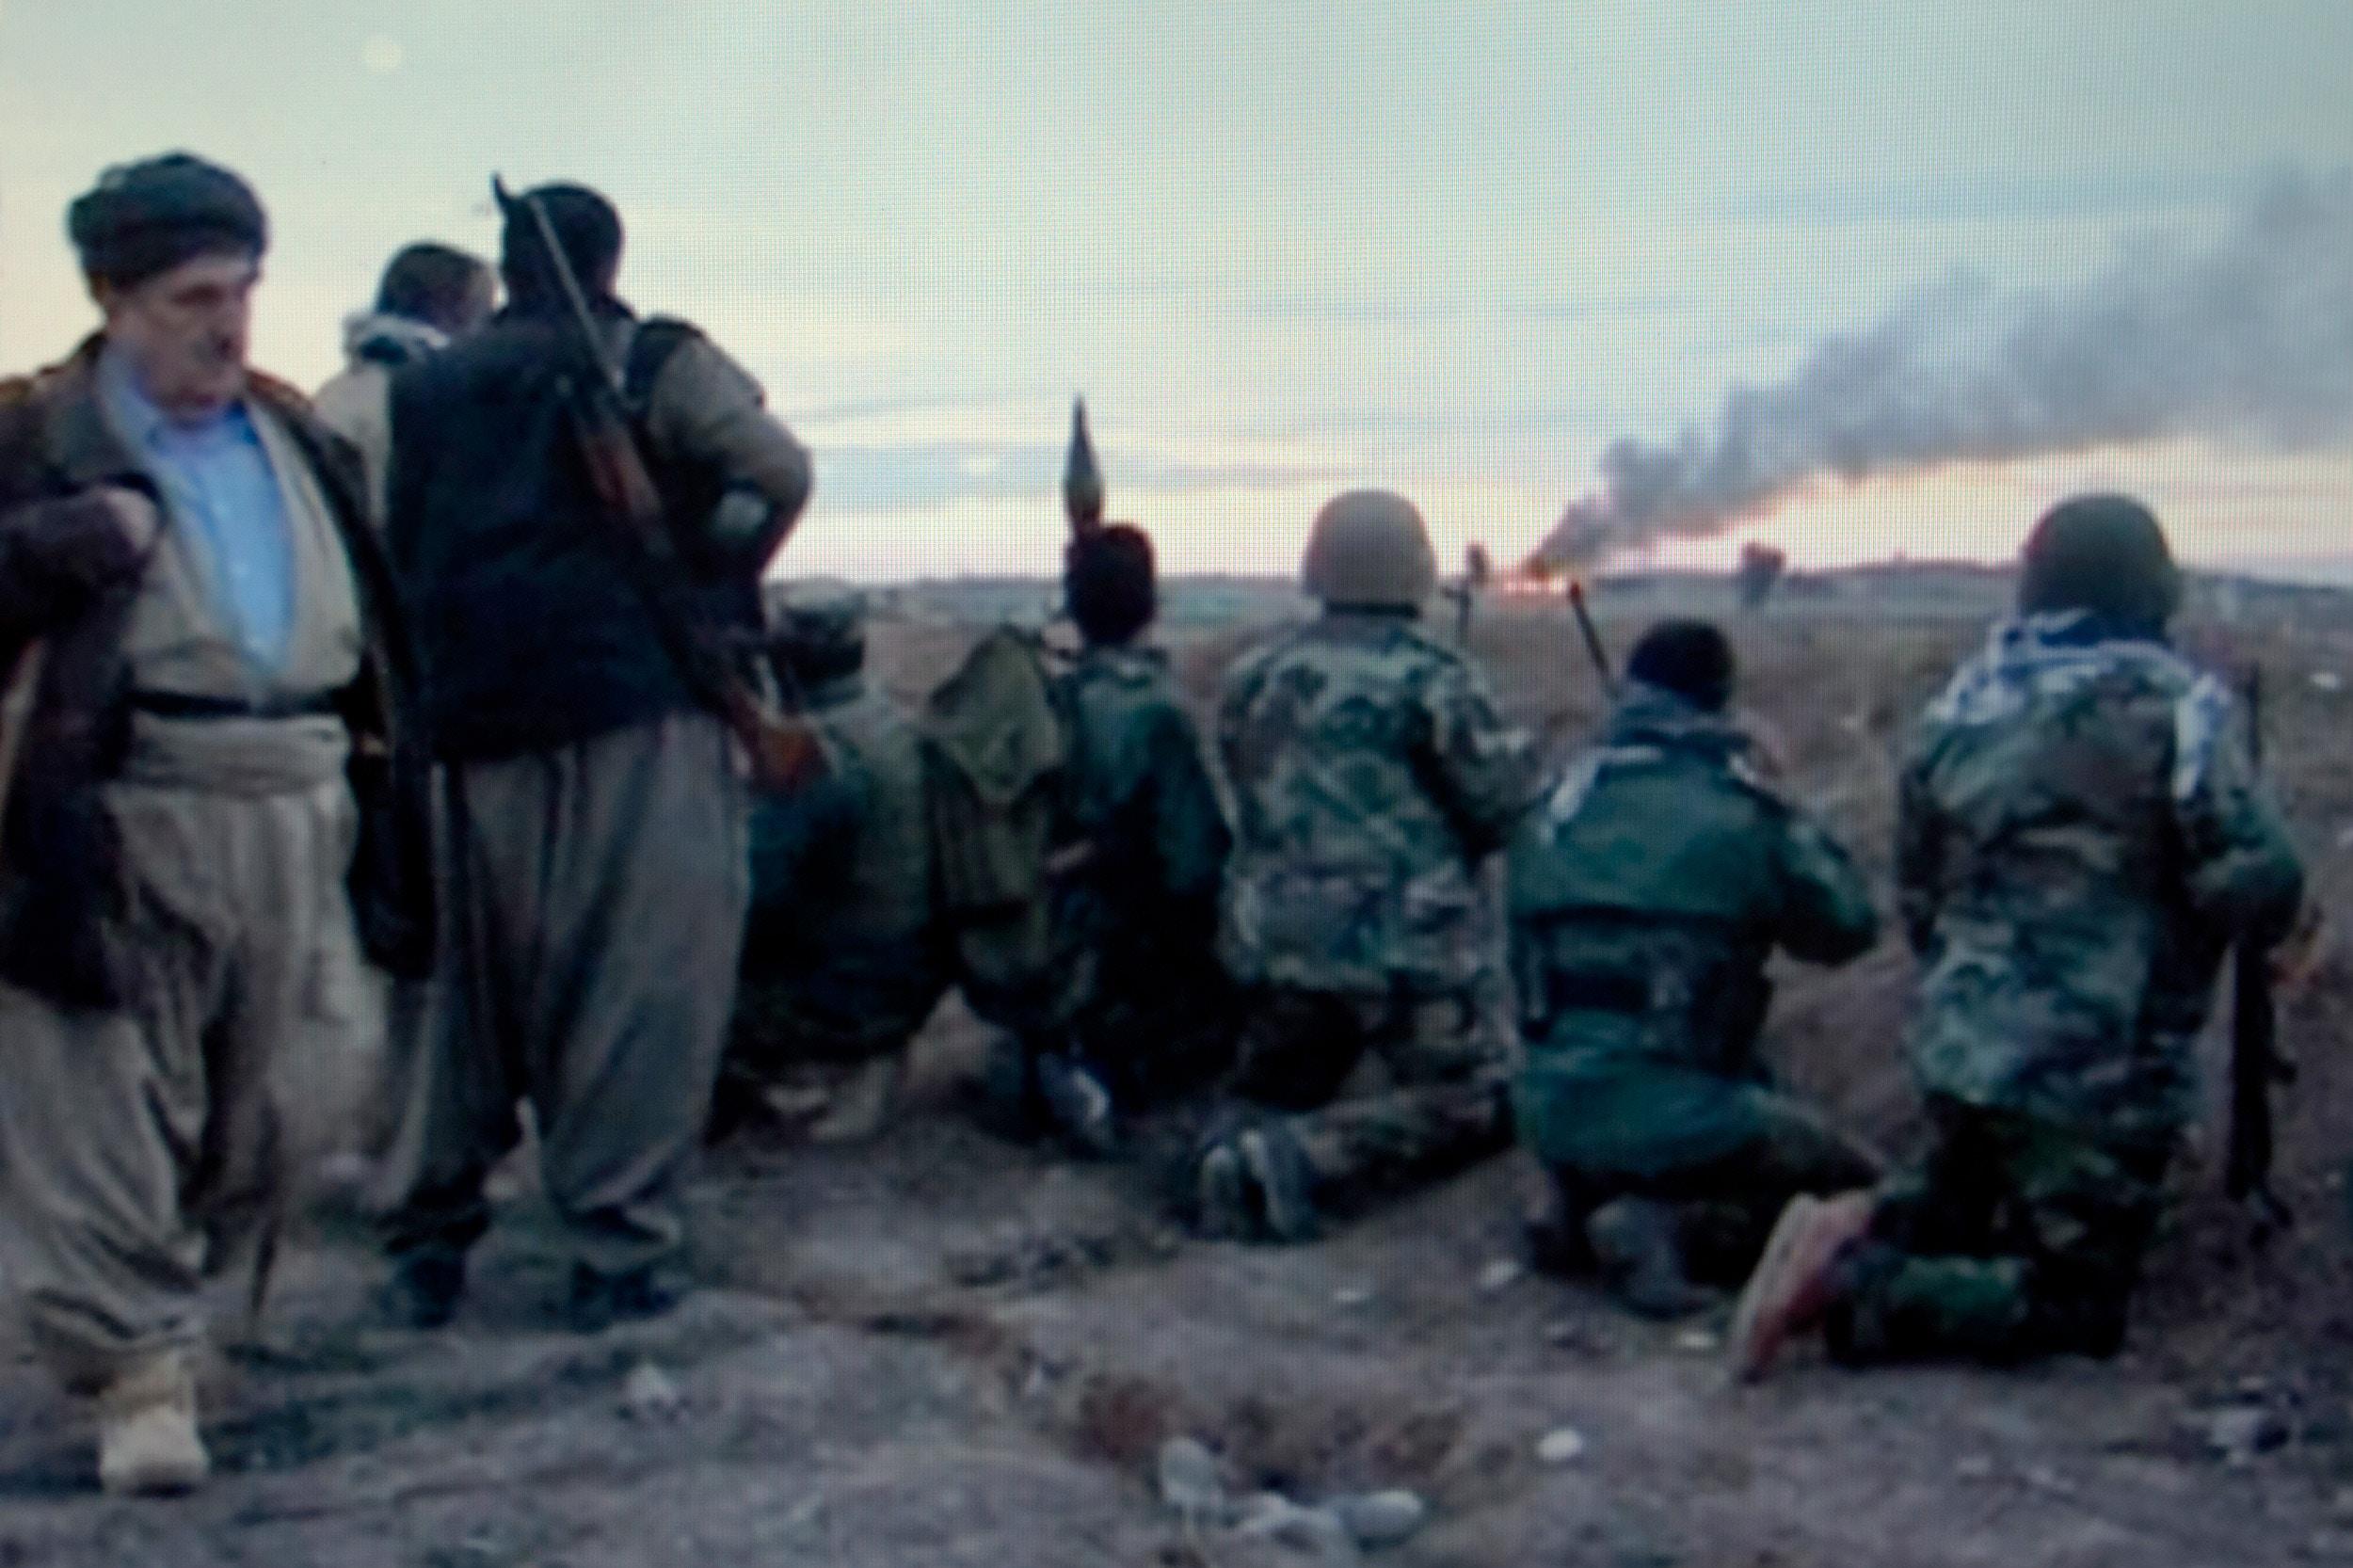 العراق 2014 ، 26 نوفمبر ، على الجبهة بالقرب من كركوك ، حماة حاجي محمود وبشمرغته وآبار النفط المحترقة إراك 2014 لو 26 نوفمبر ، سور لو كروس دي كركوك ، حماة حاجي محمود وآخرون البيشمركة وآخرون.